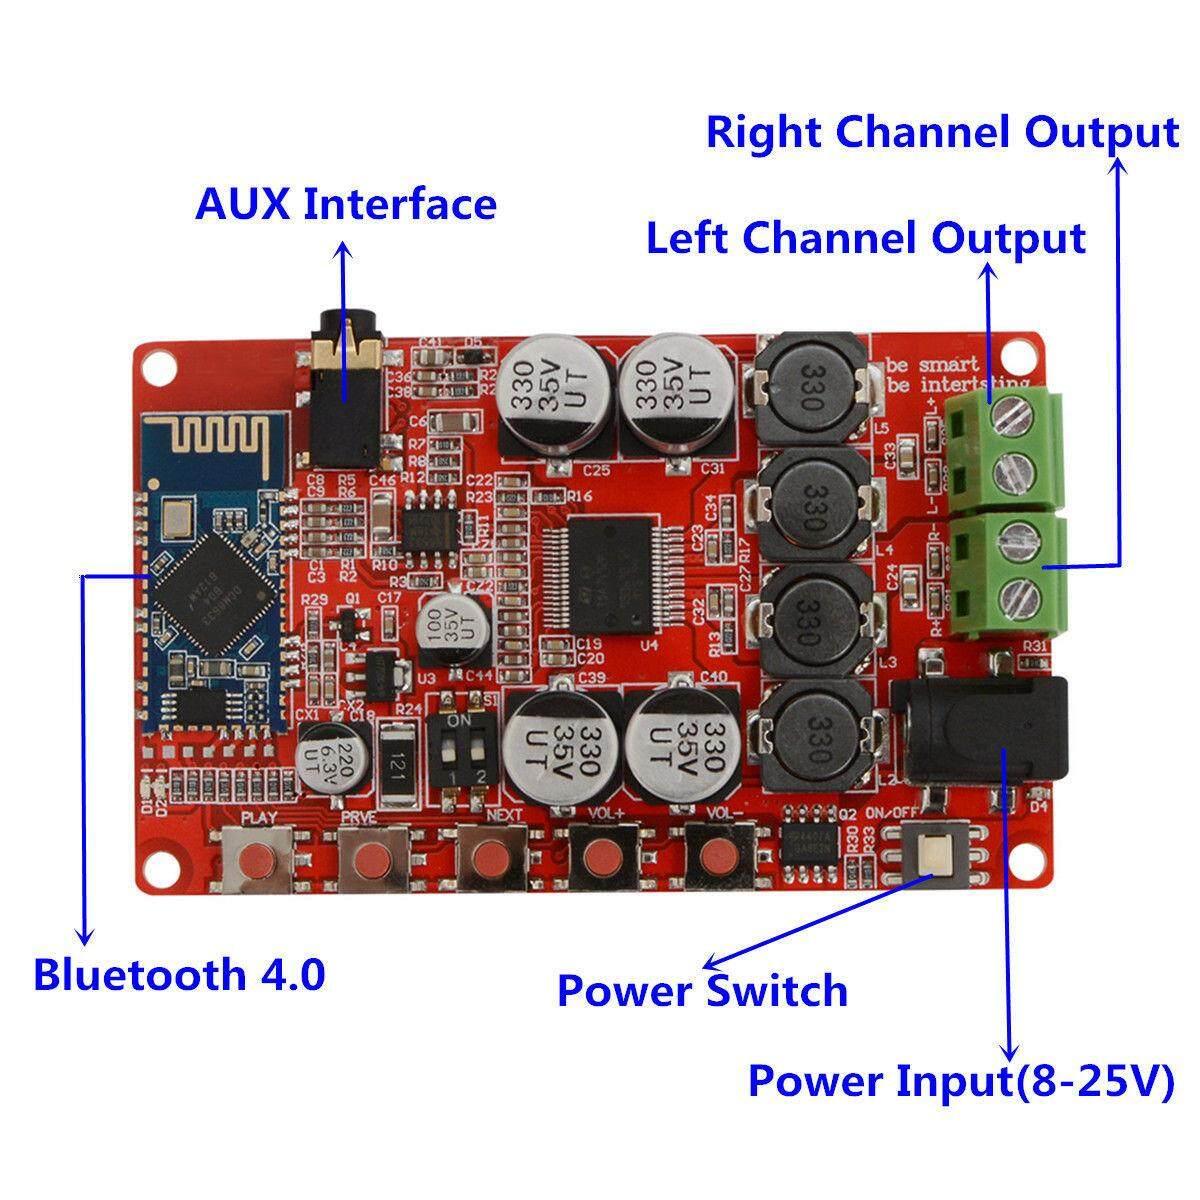 ใช้แล้วดีจริง ๆ ค่ะ เครื่องเสียงและโฮมเธียร์เตอร์ PINMAY TDA7492P 50W*2 Wireless Bluetooth 4.0 Audio Receiver Digital Amplifier Board AUX. ยอดขายเยอะมากๆ